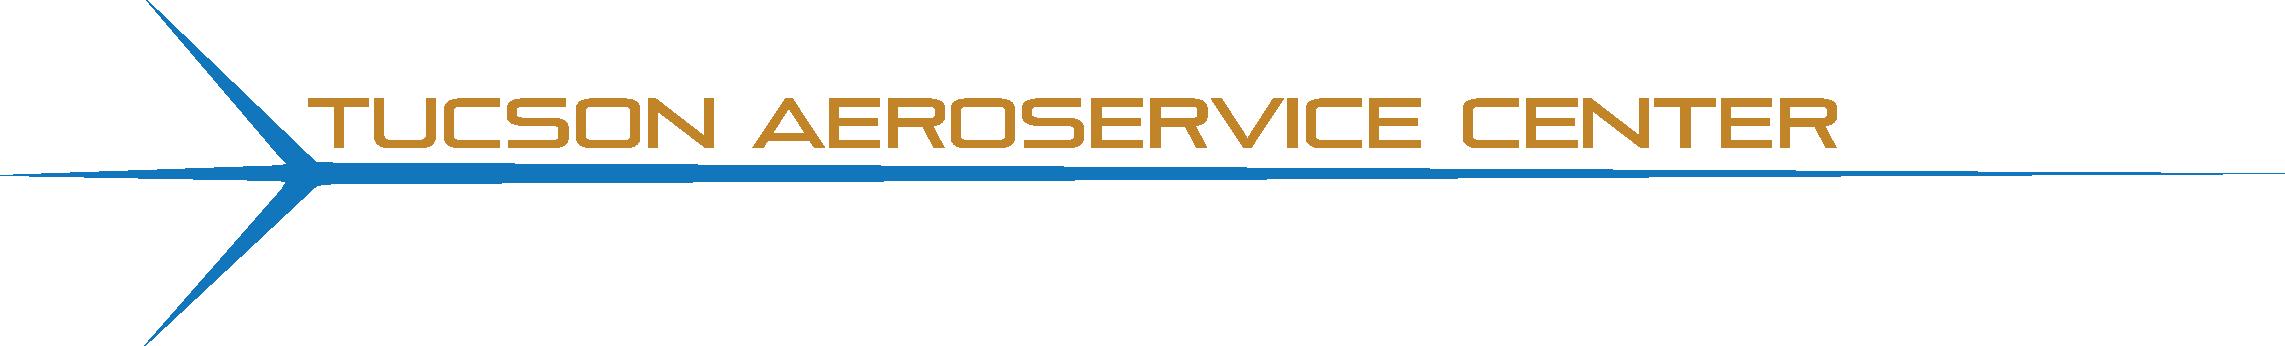 Tucson Aeroservice Center